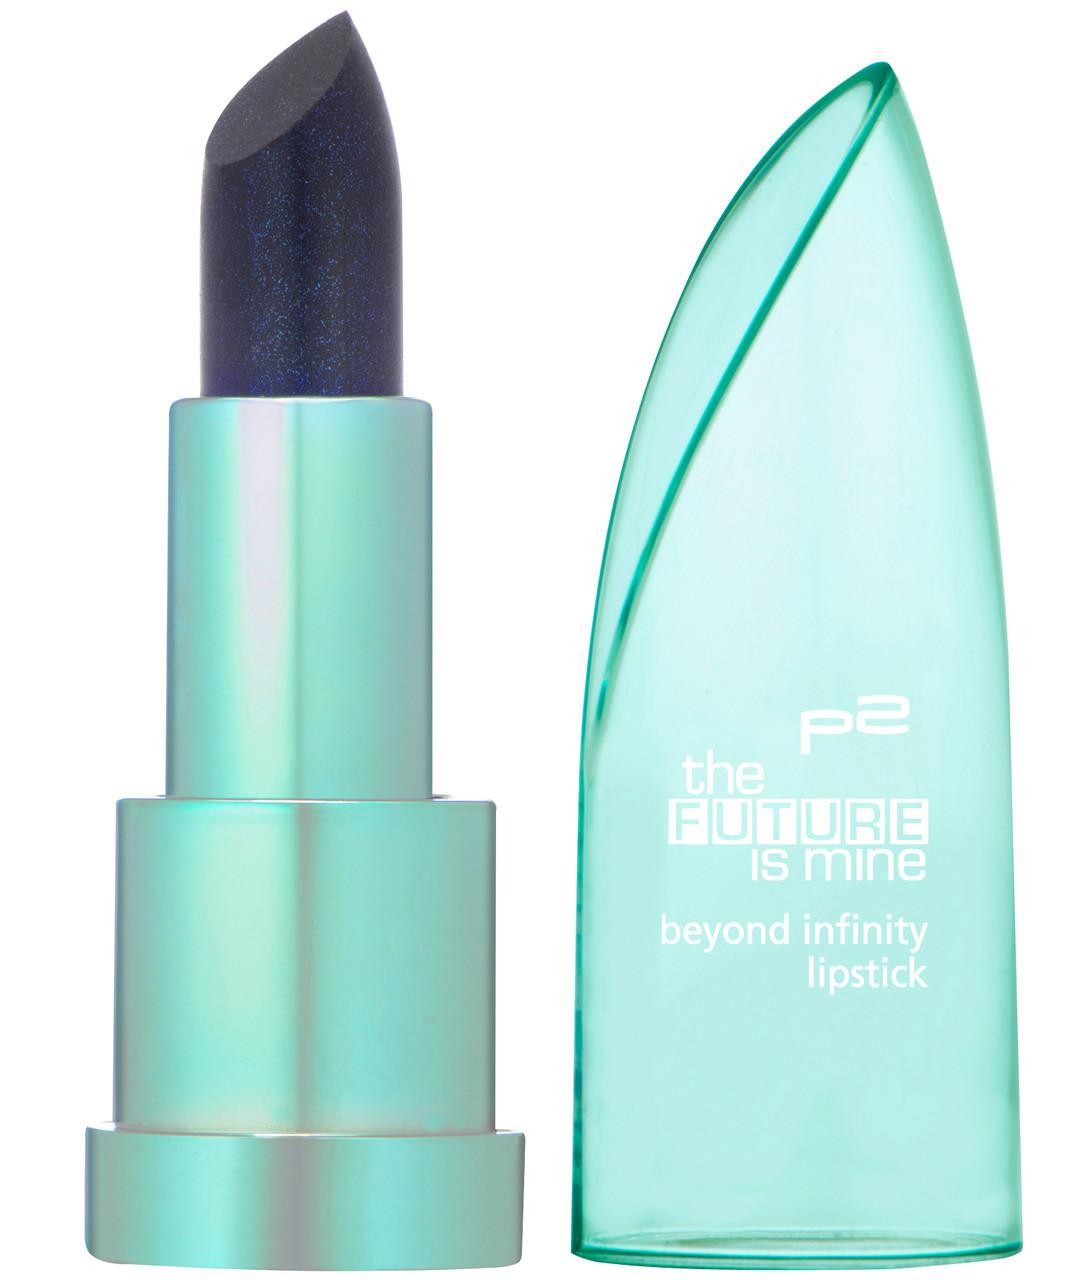 ★BEYOND INFINITY Lipstick★ Der semi-transparente Lippenstift verleiht einen faszinierenden Pearl-Effekt und lässt sich besonders konturenscharf und leicht auftragen. 4,5 g für 2,95 €